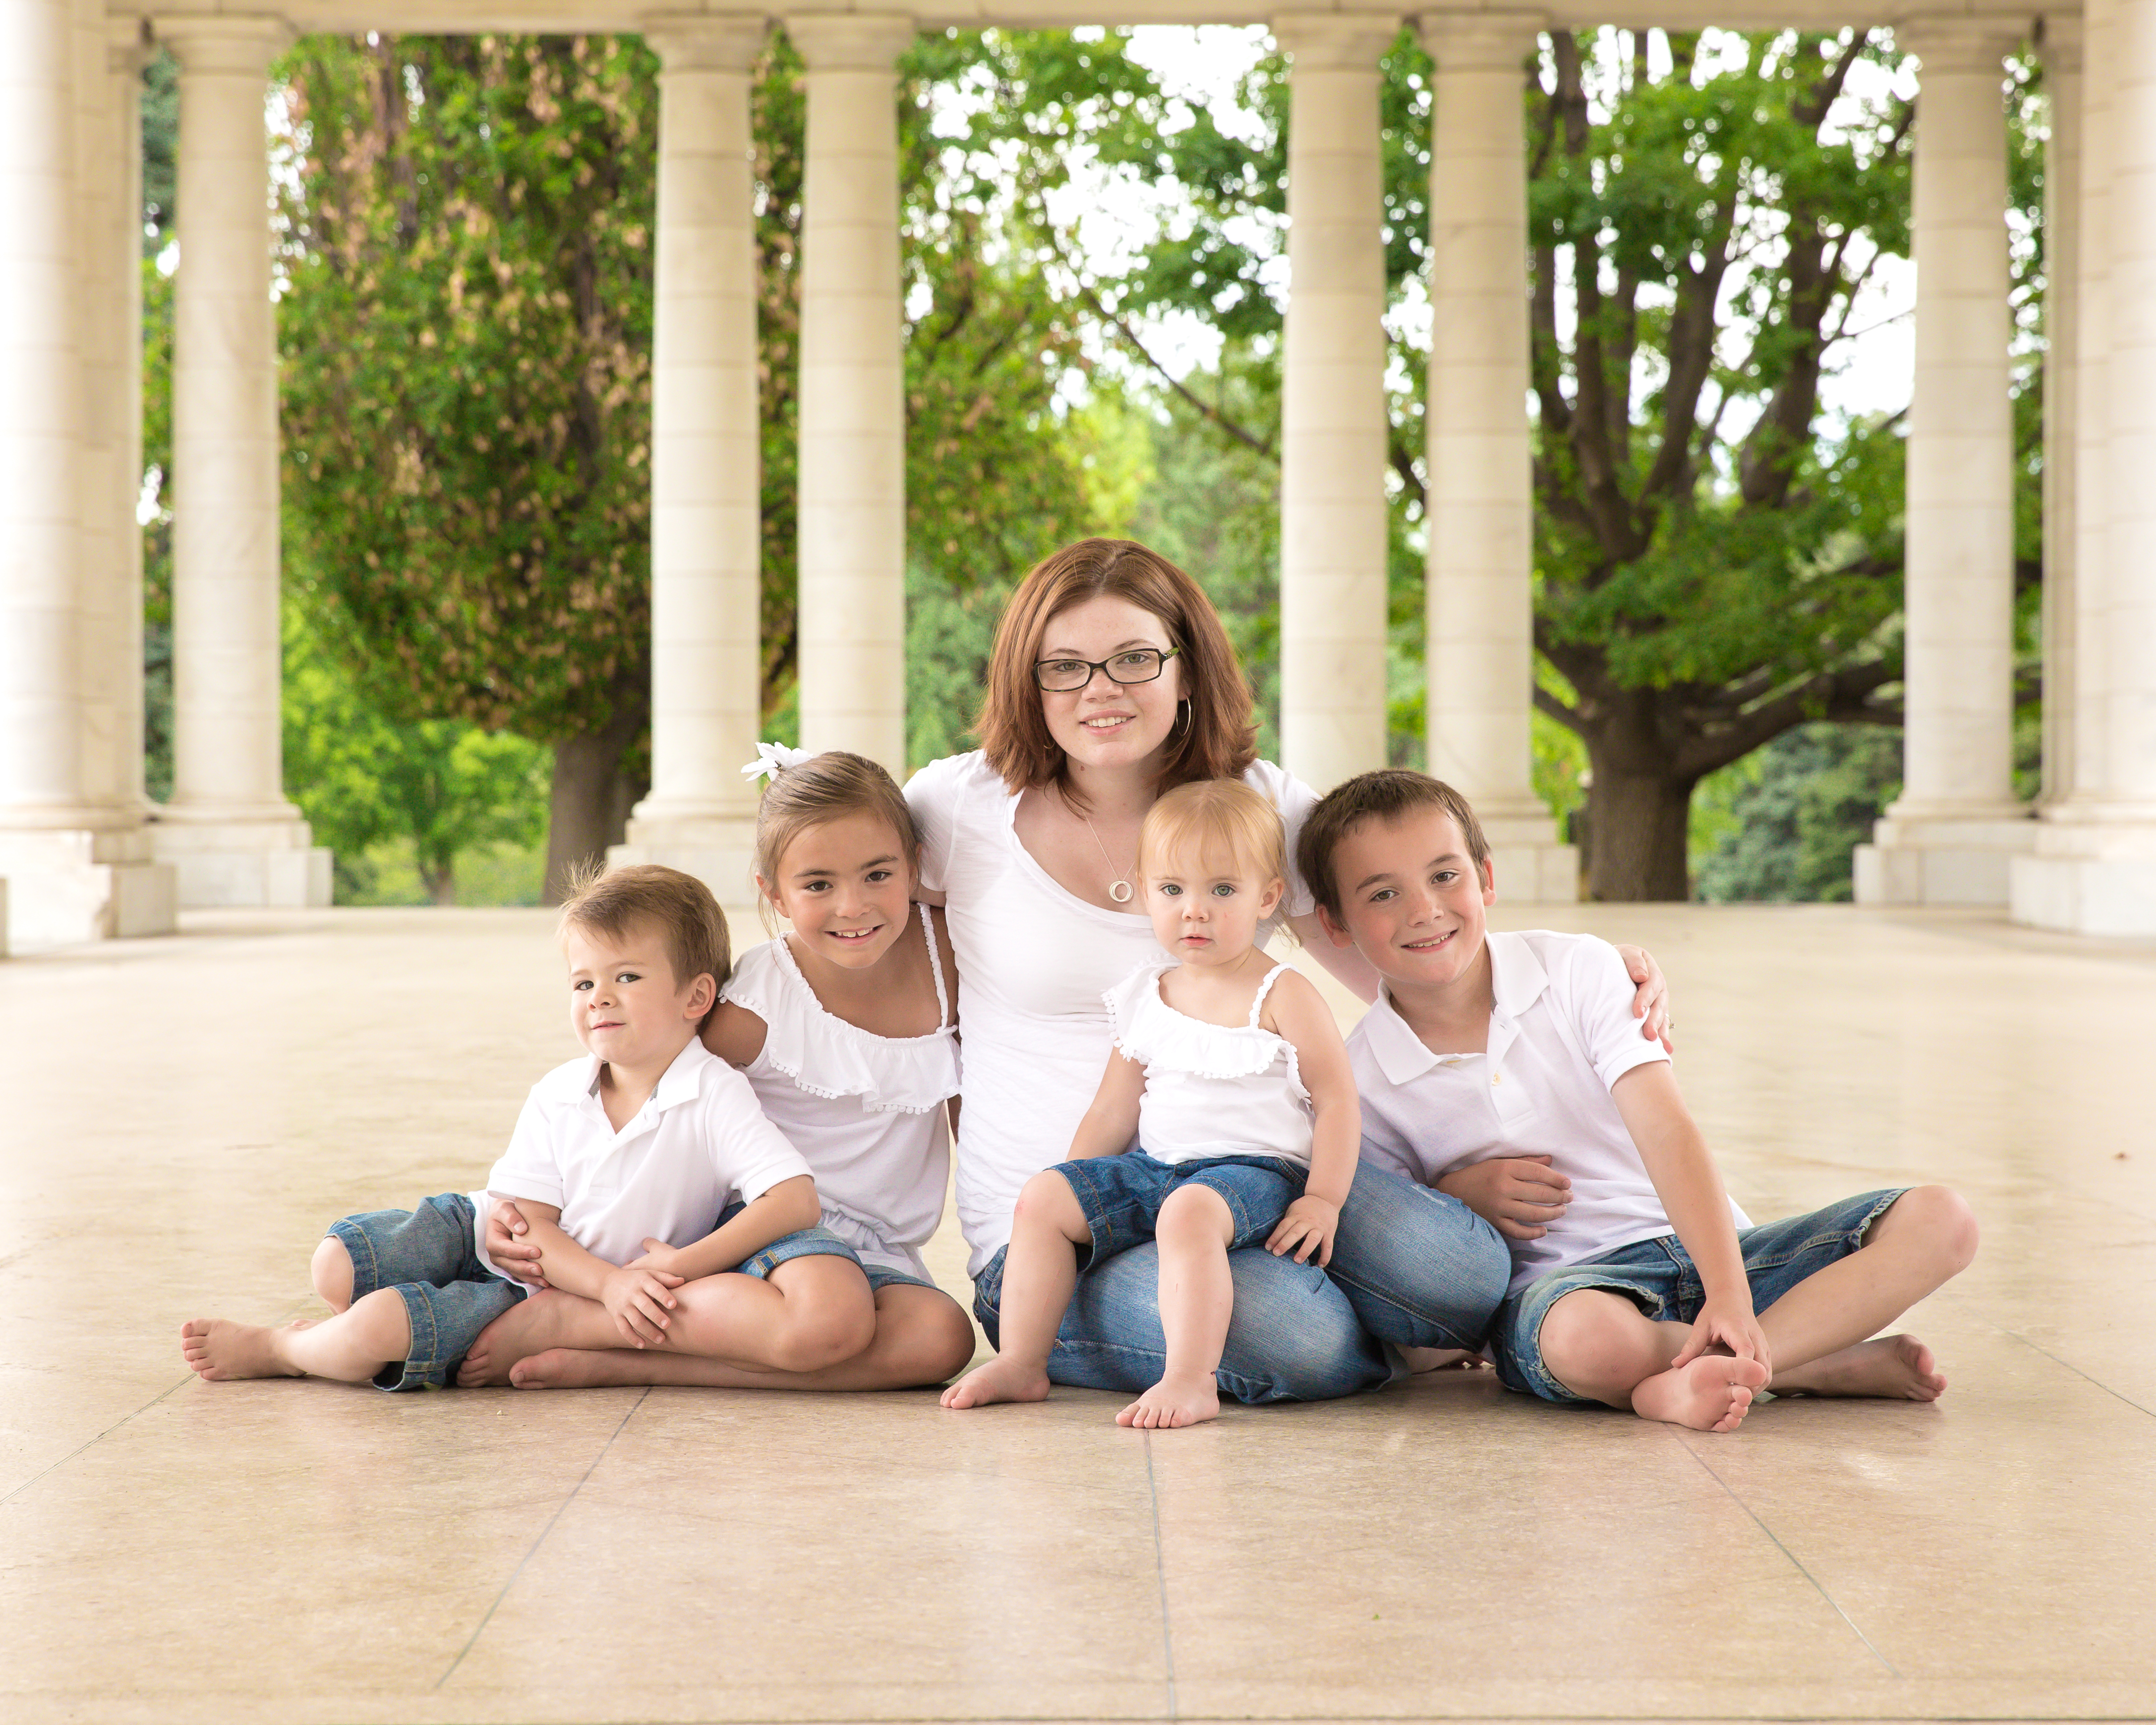 Denver Family Photography, Denver Children Photographer